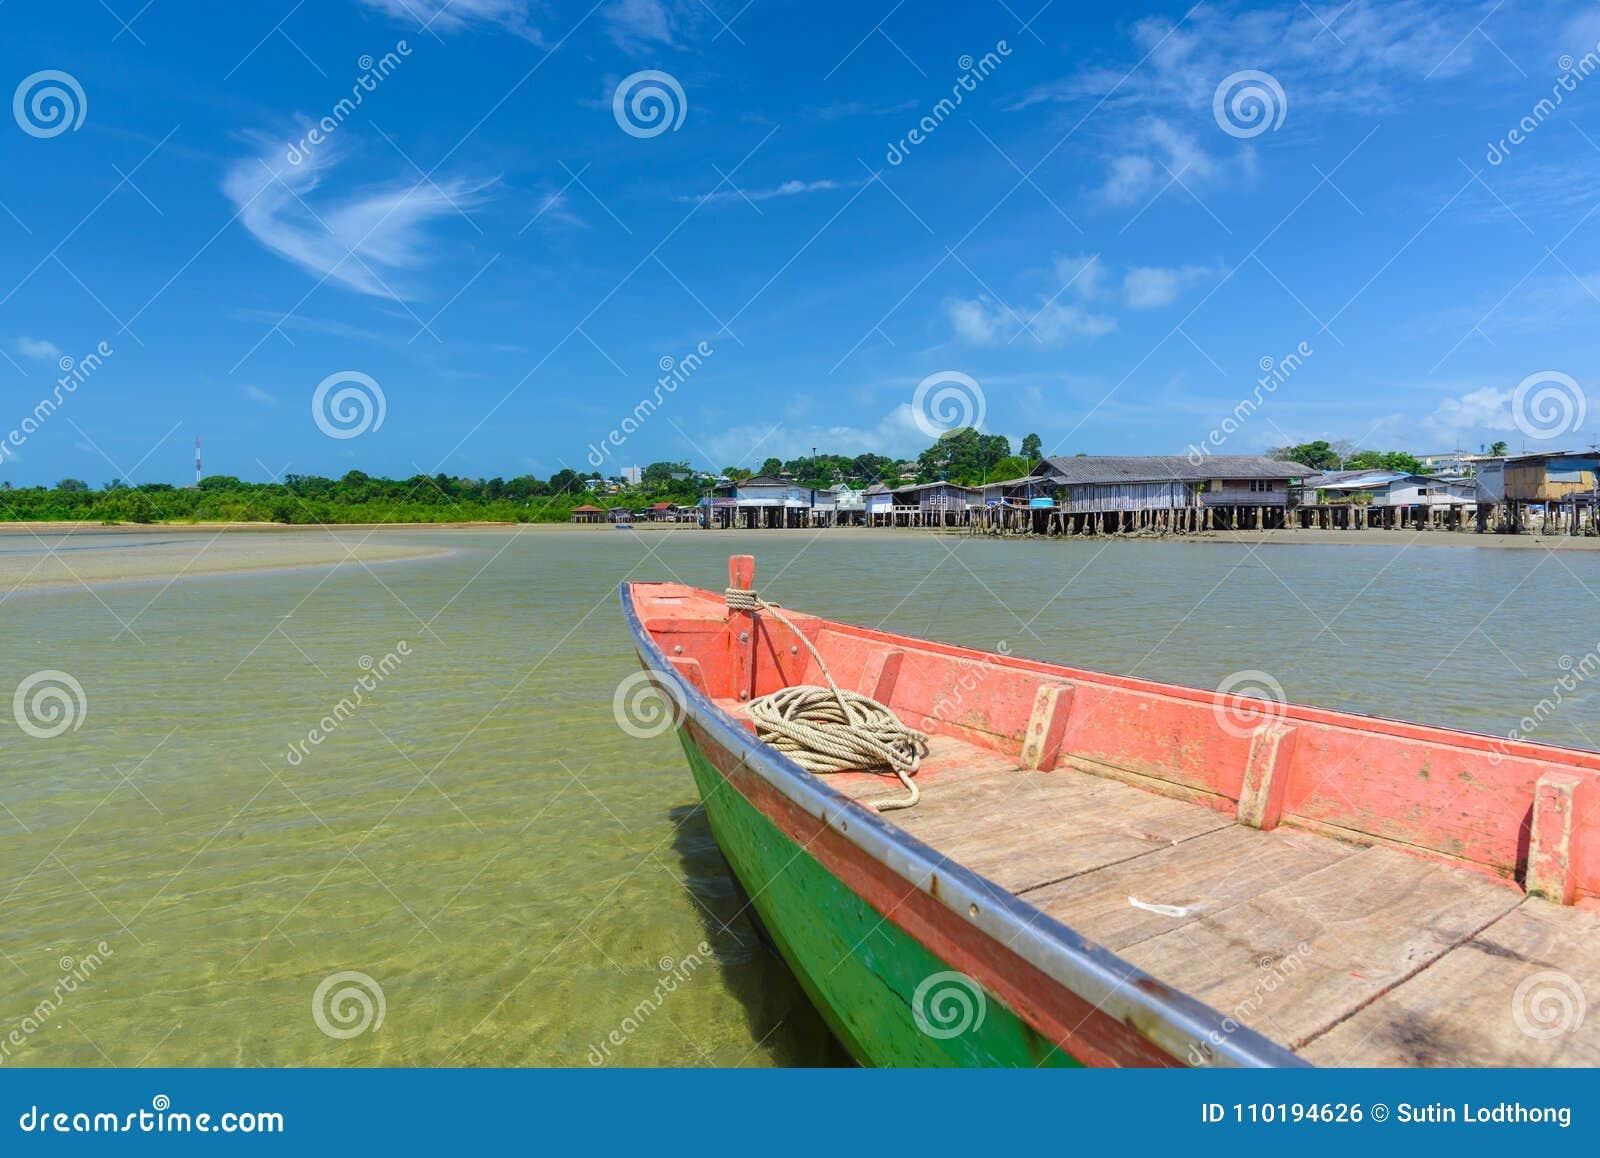 渔船停放在海边